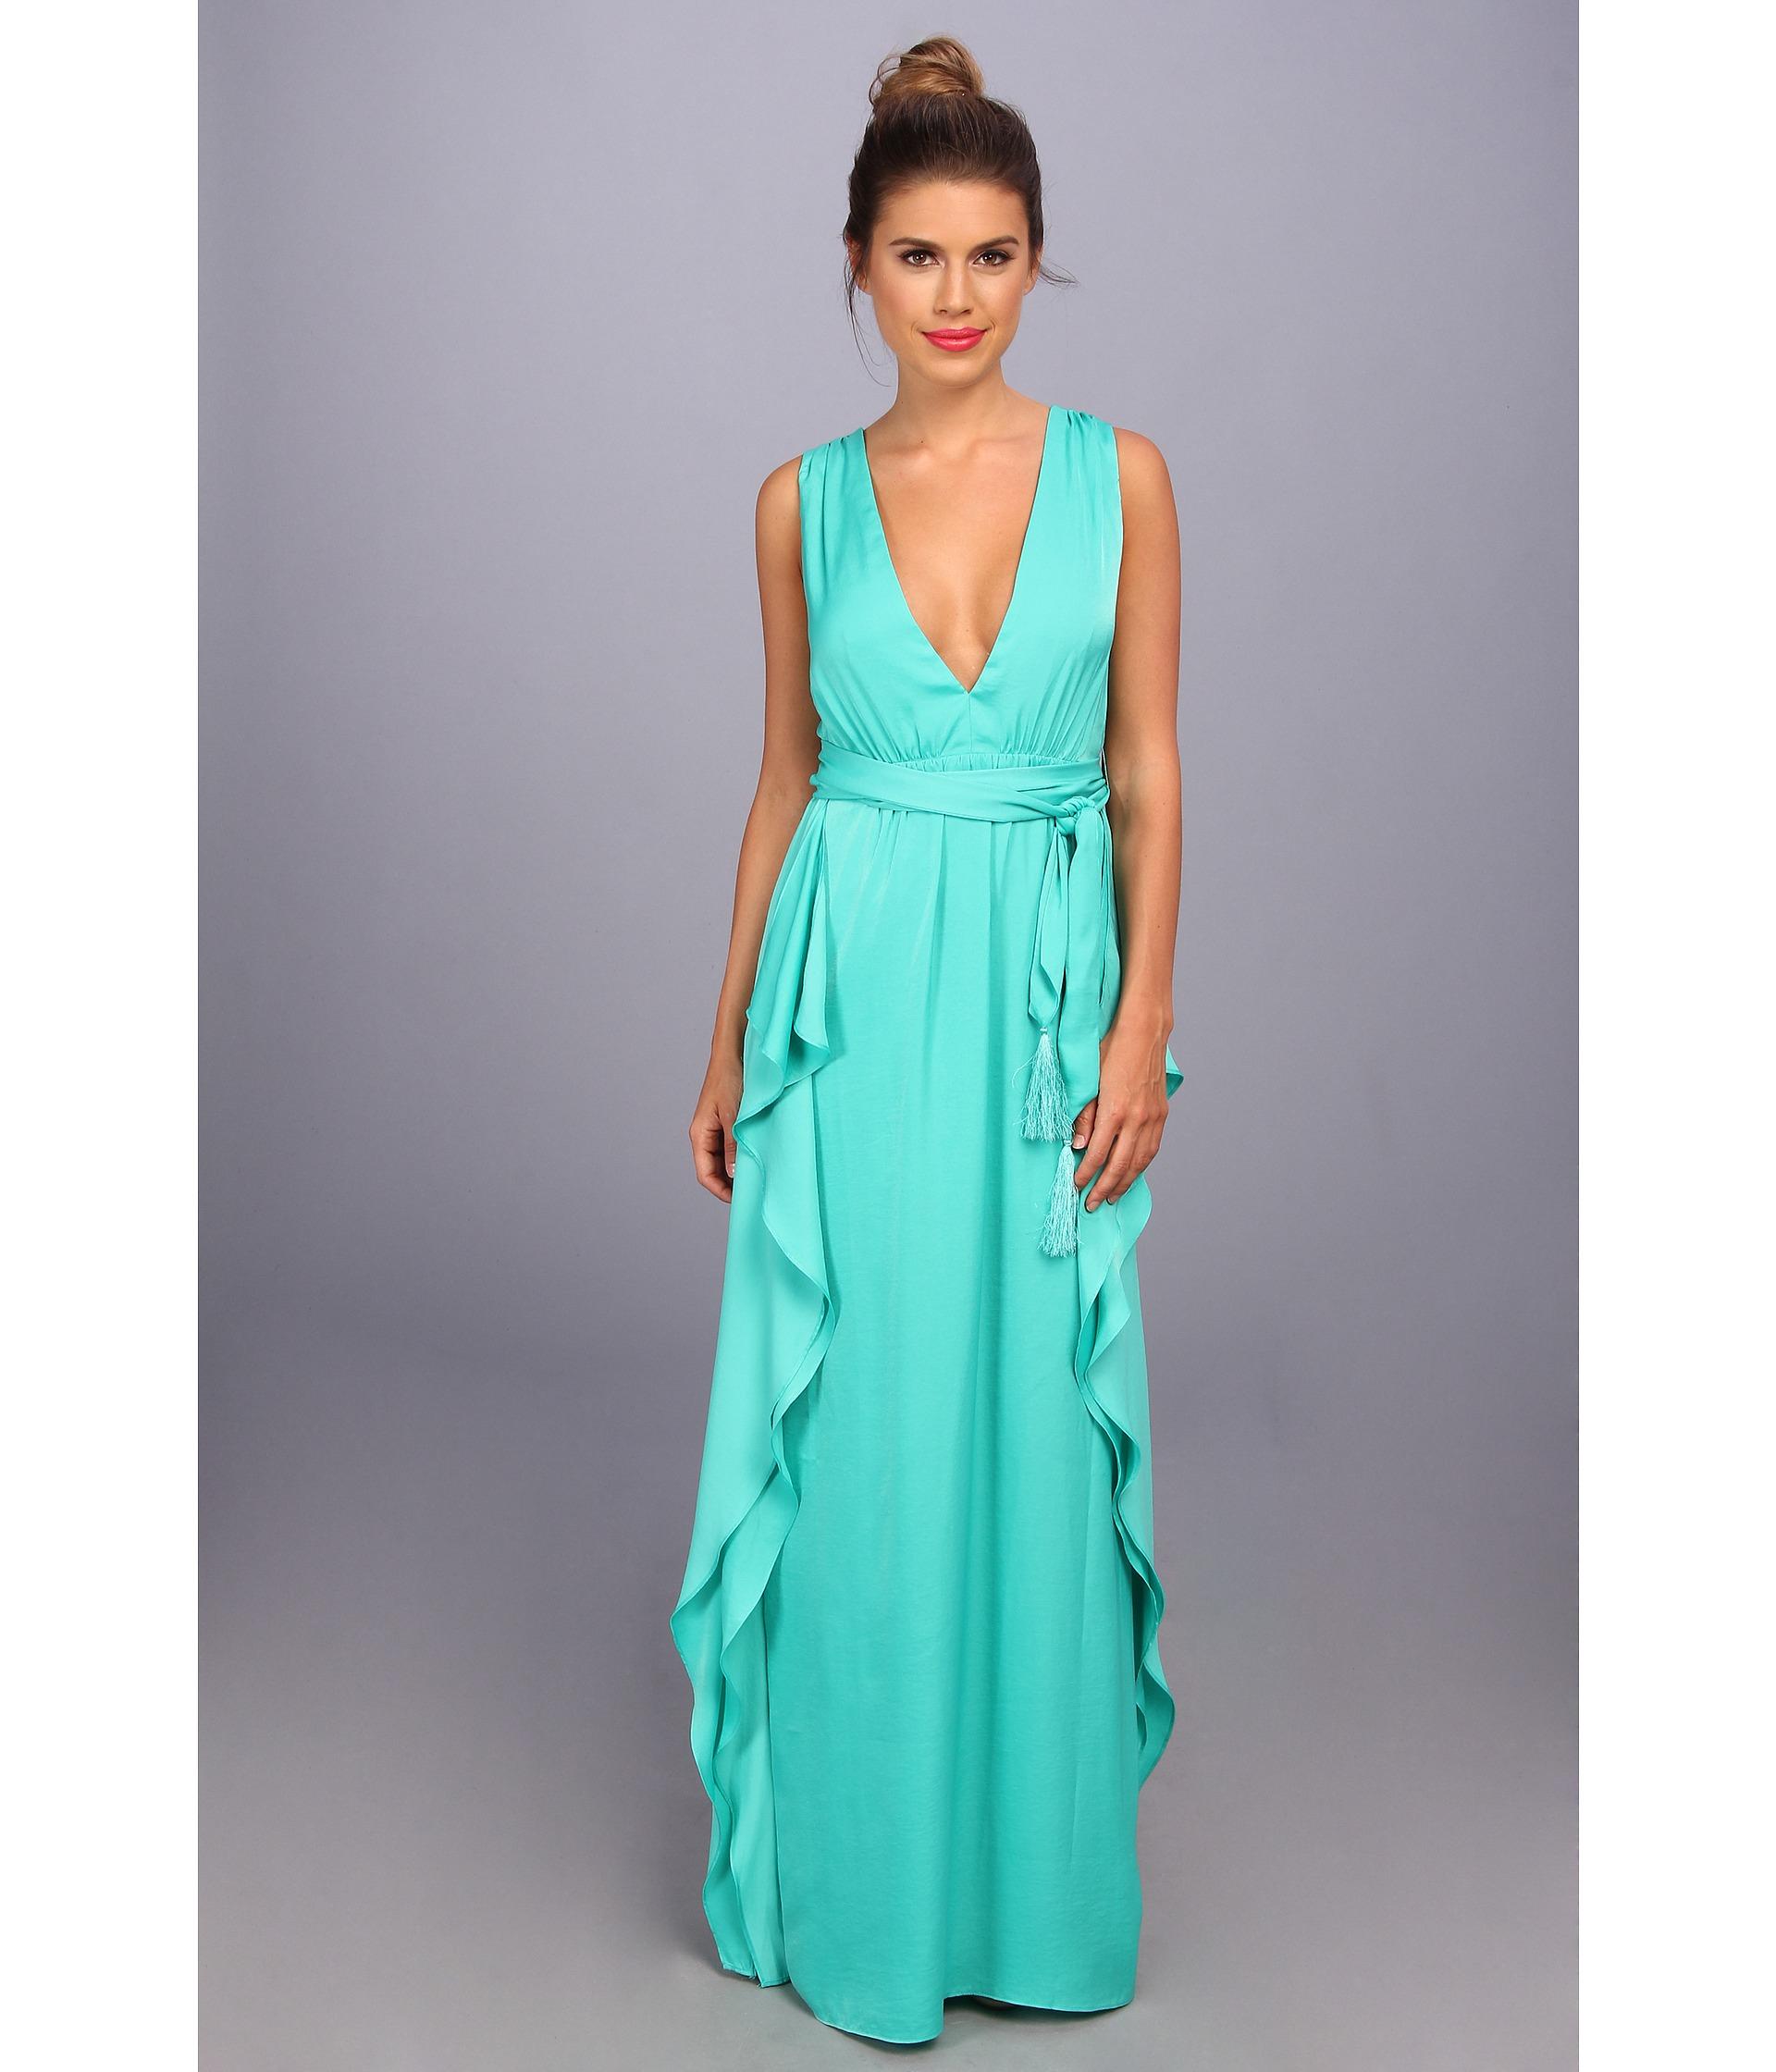 Lyst - Bcbgmaxazria Suzanne Flutter Gown in Blue